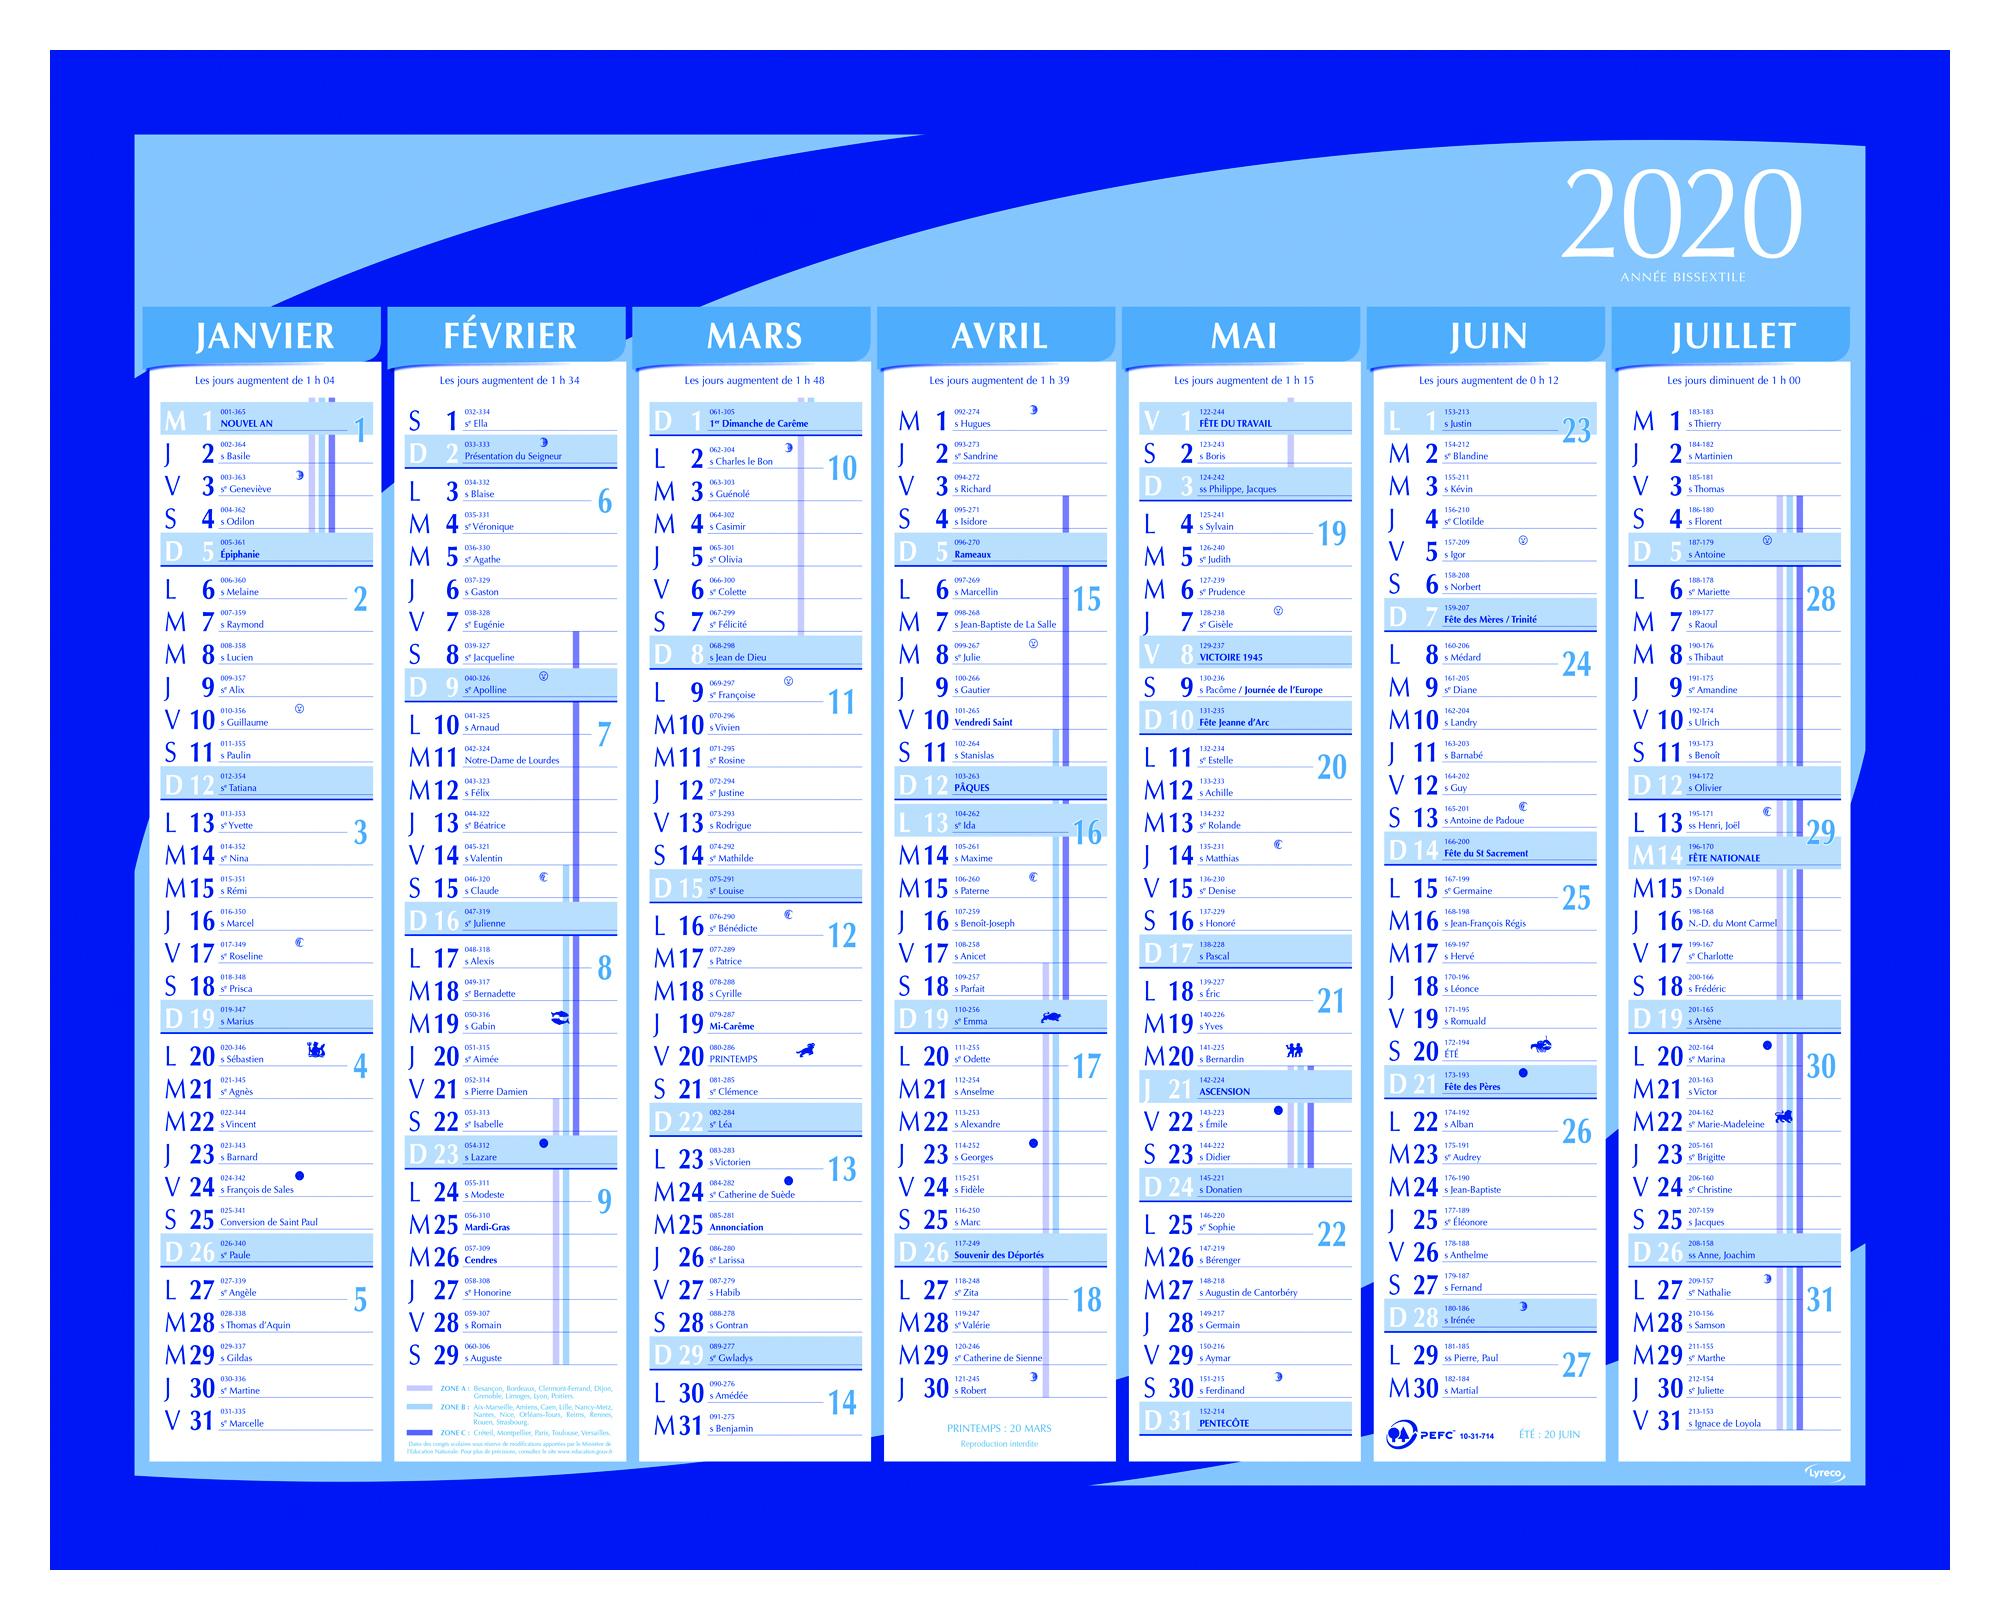 Calendrier 2020 Semestriel.Calendrier Semestriel Petit Modele Lyreco 33x42